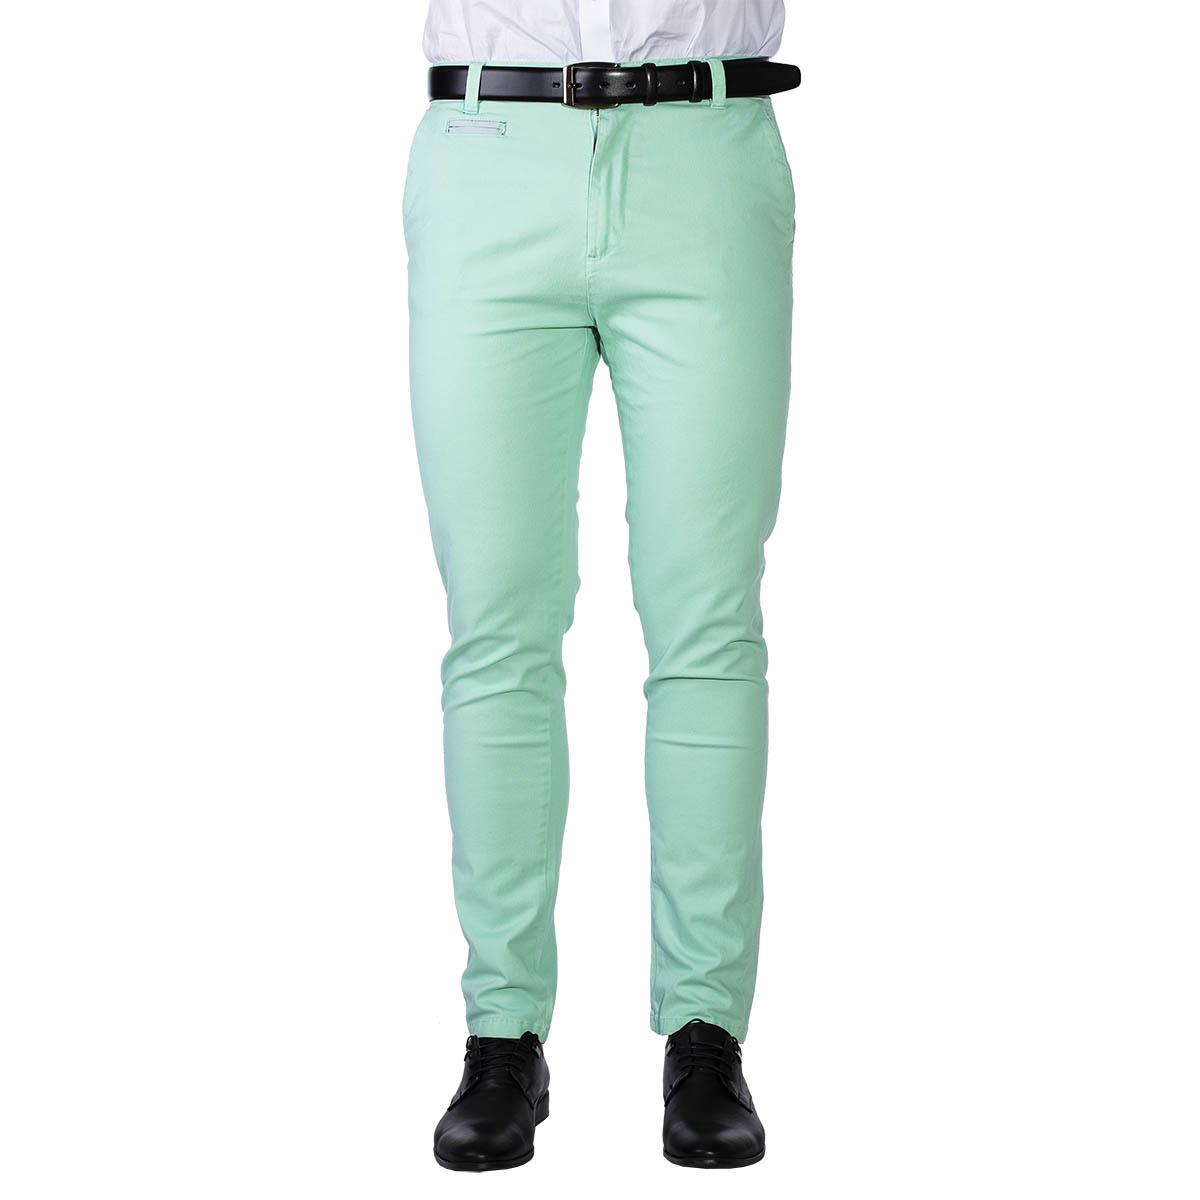 Pánské chino kalhoty Bristle mint S ( W30 / L31 )